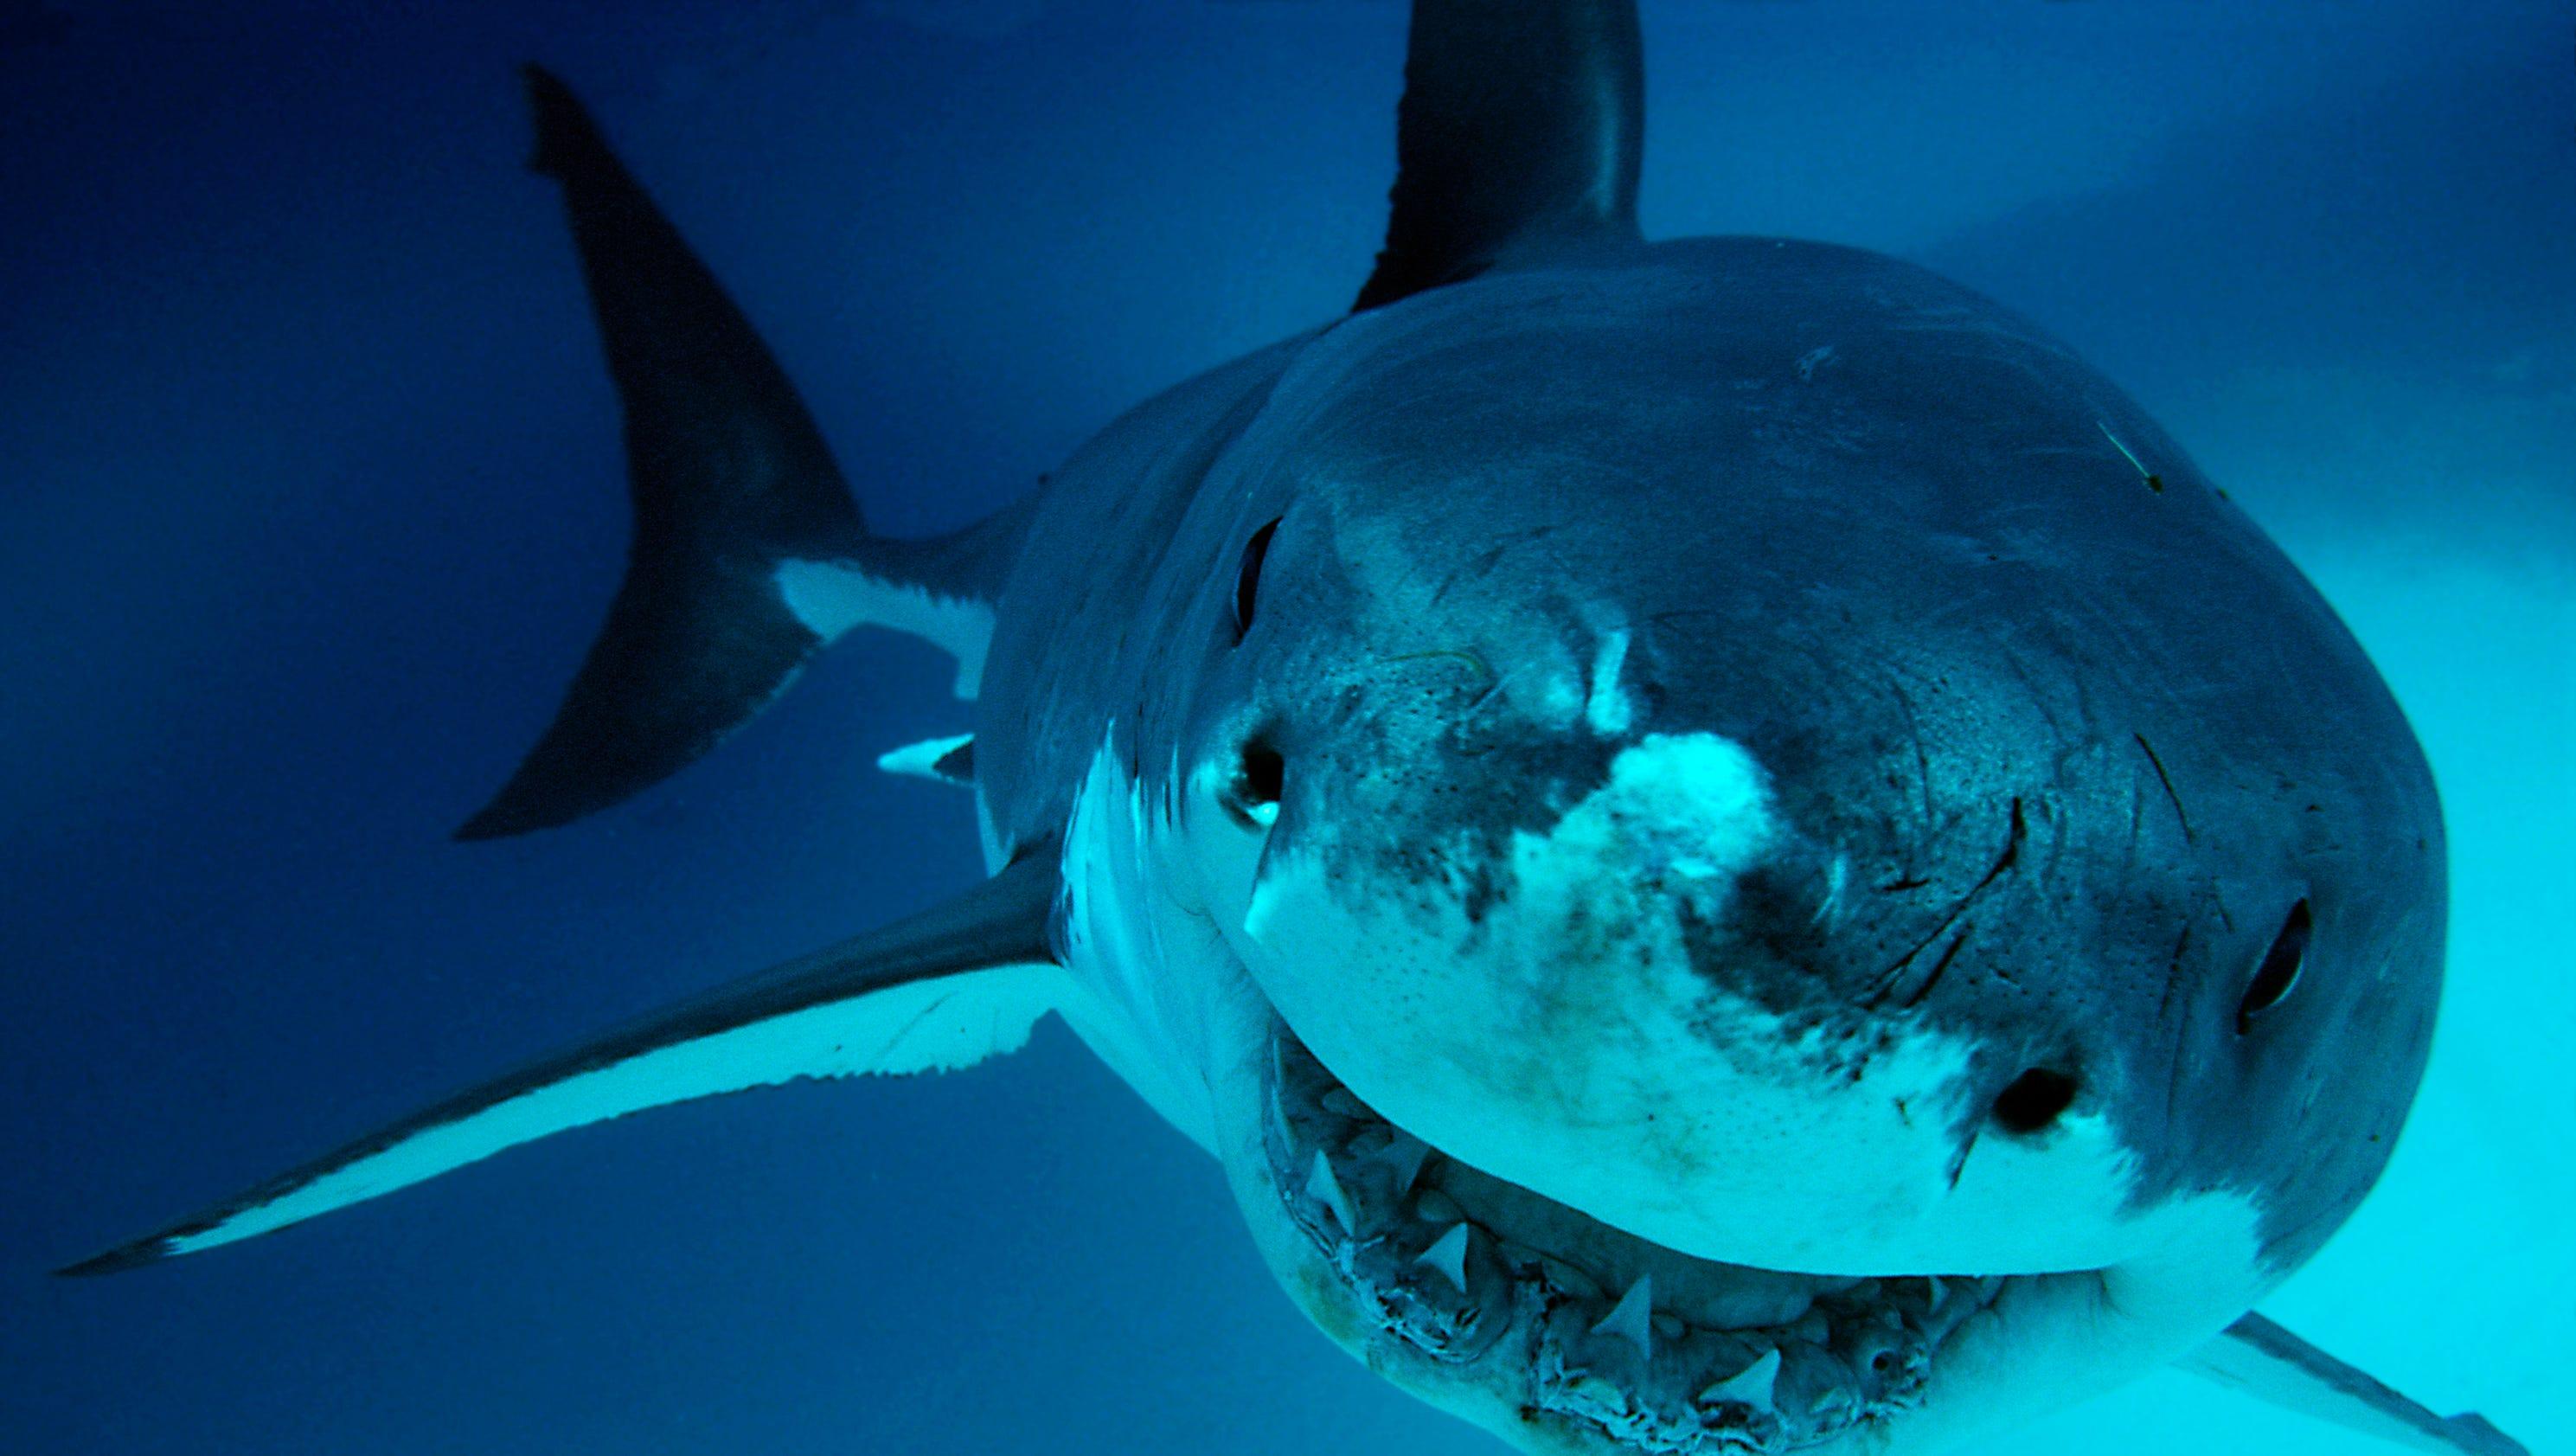 636493690823517858-d-shark-week-25